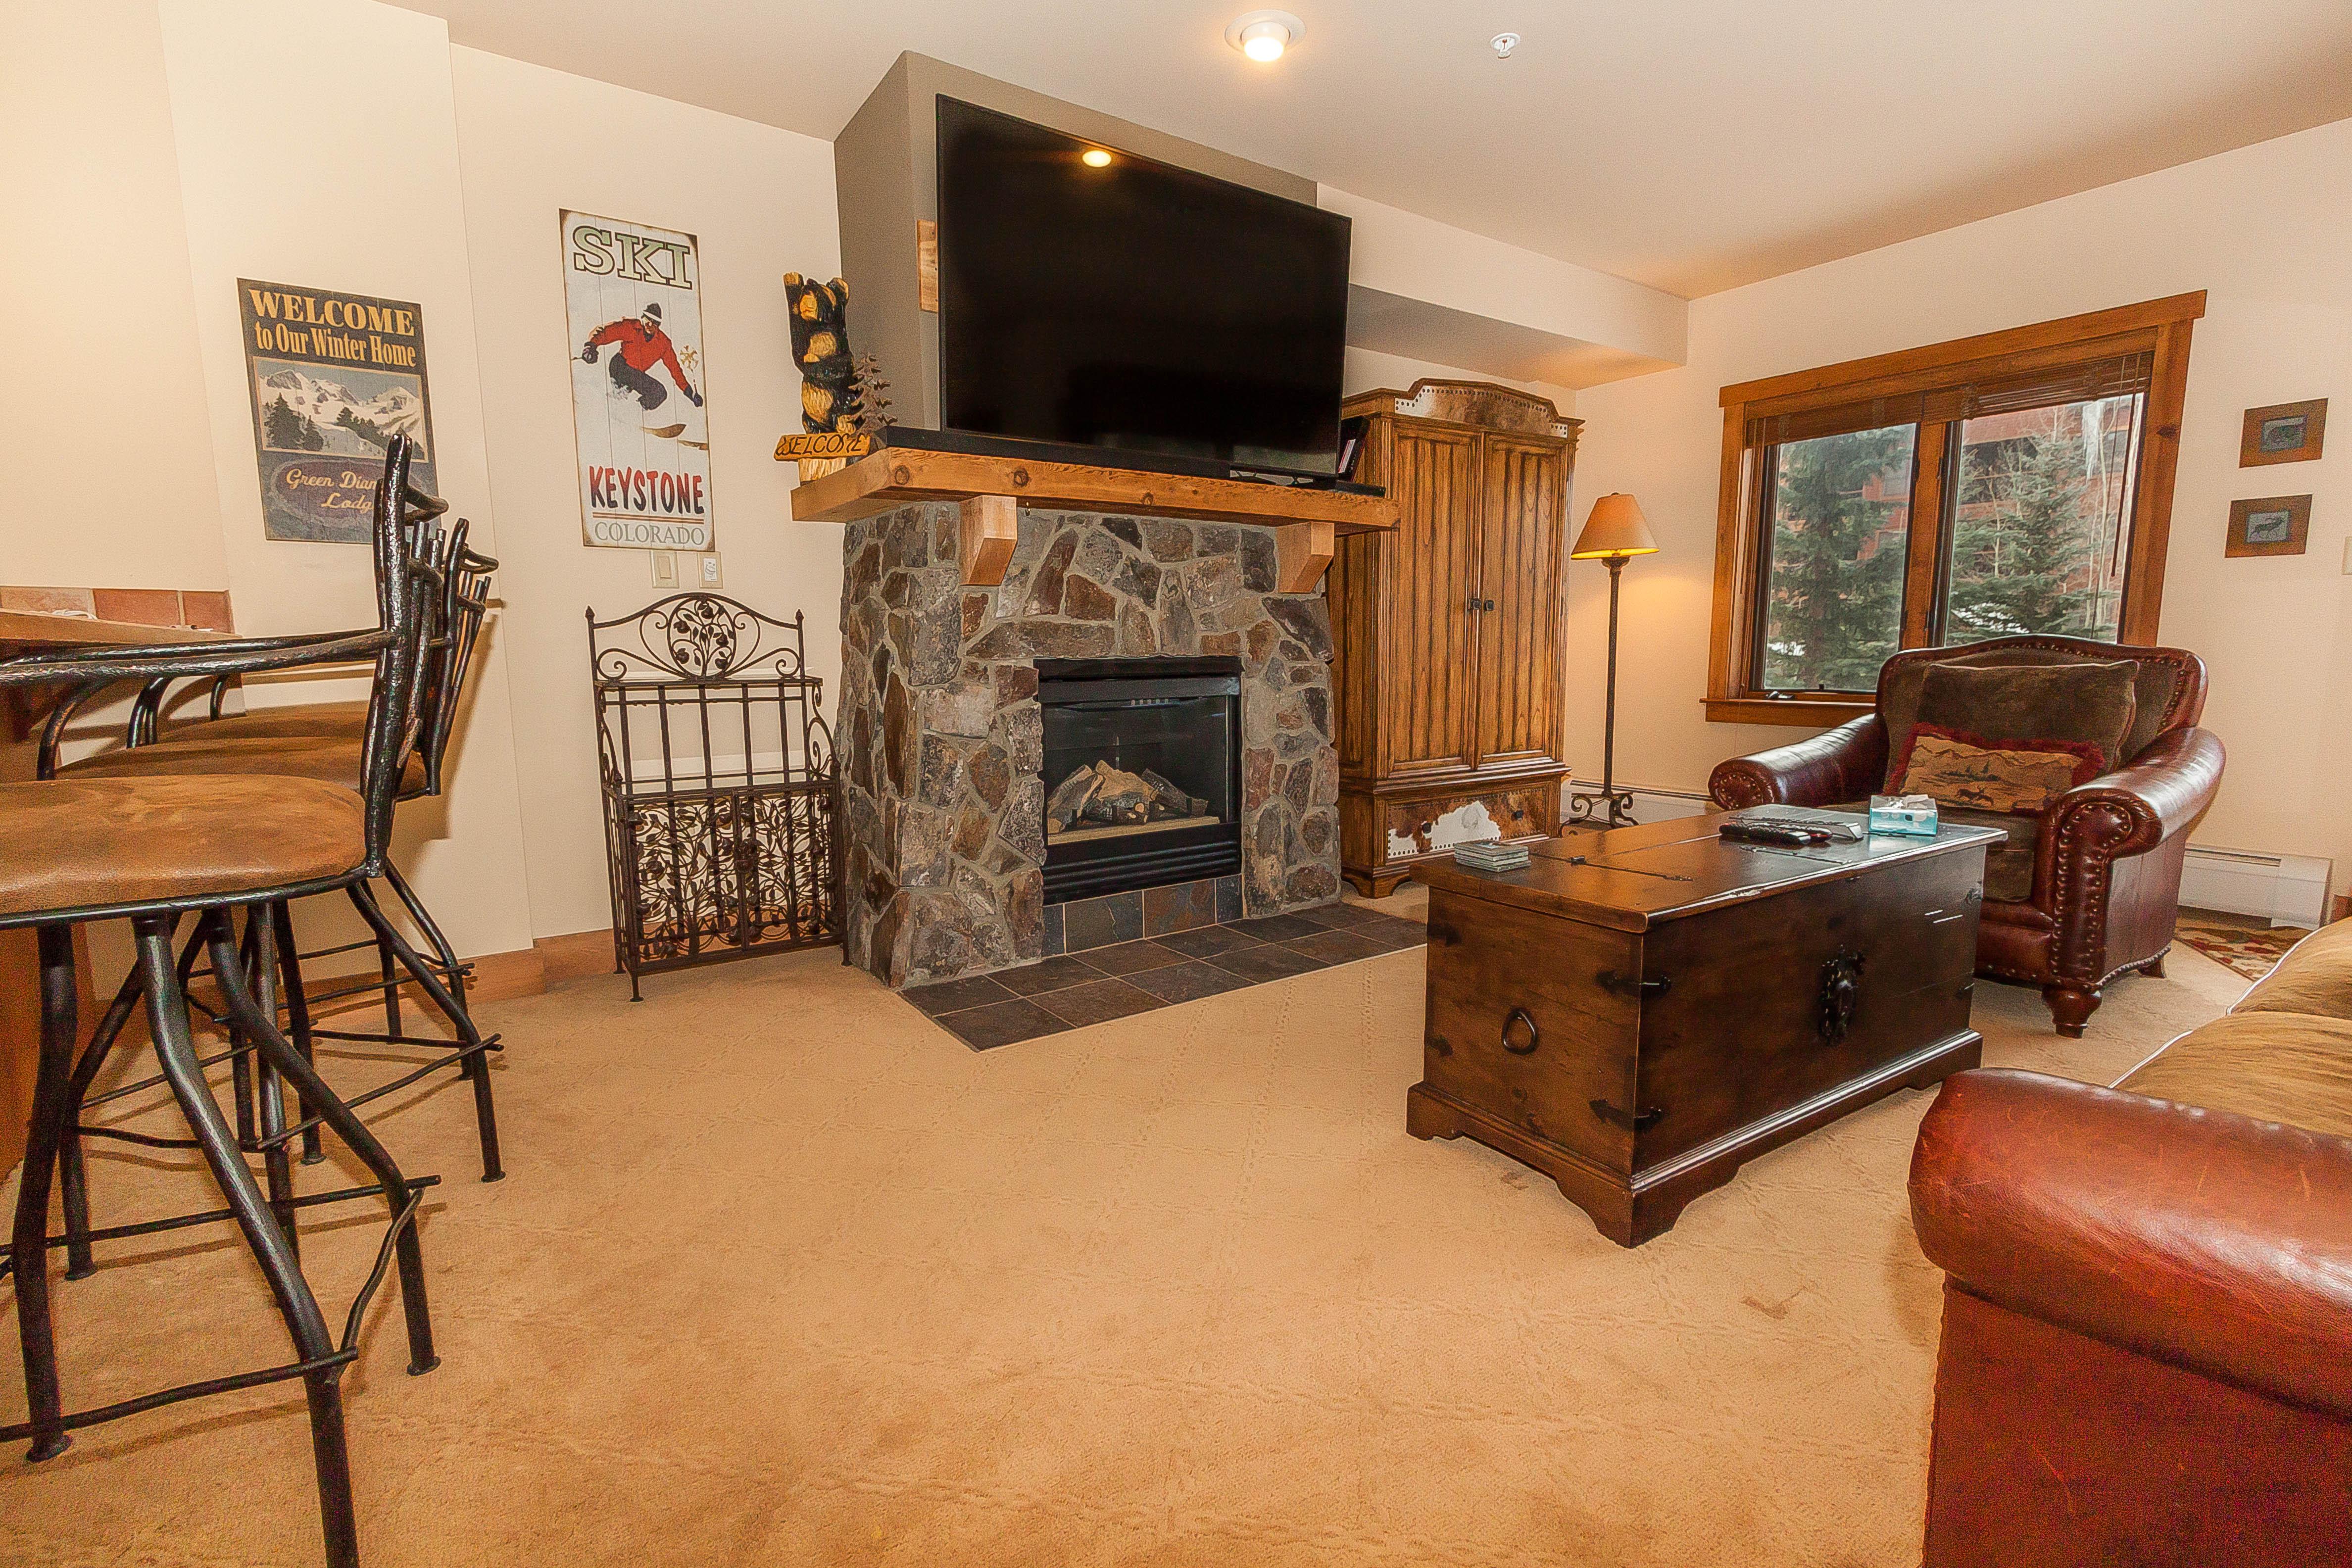 Red Hawk Lodge #2252 in Keystone, Colorado